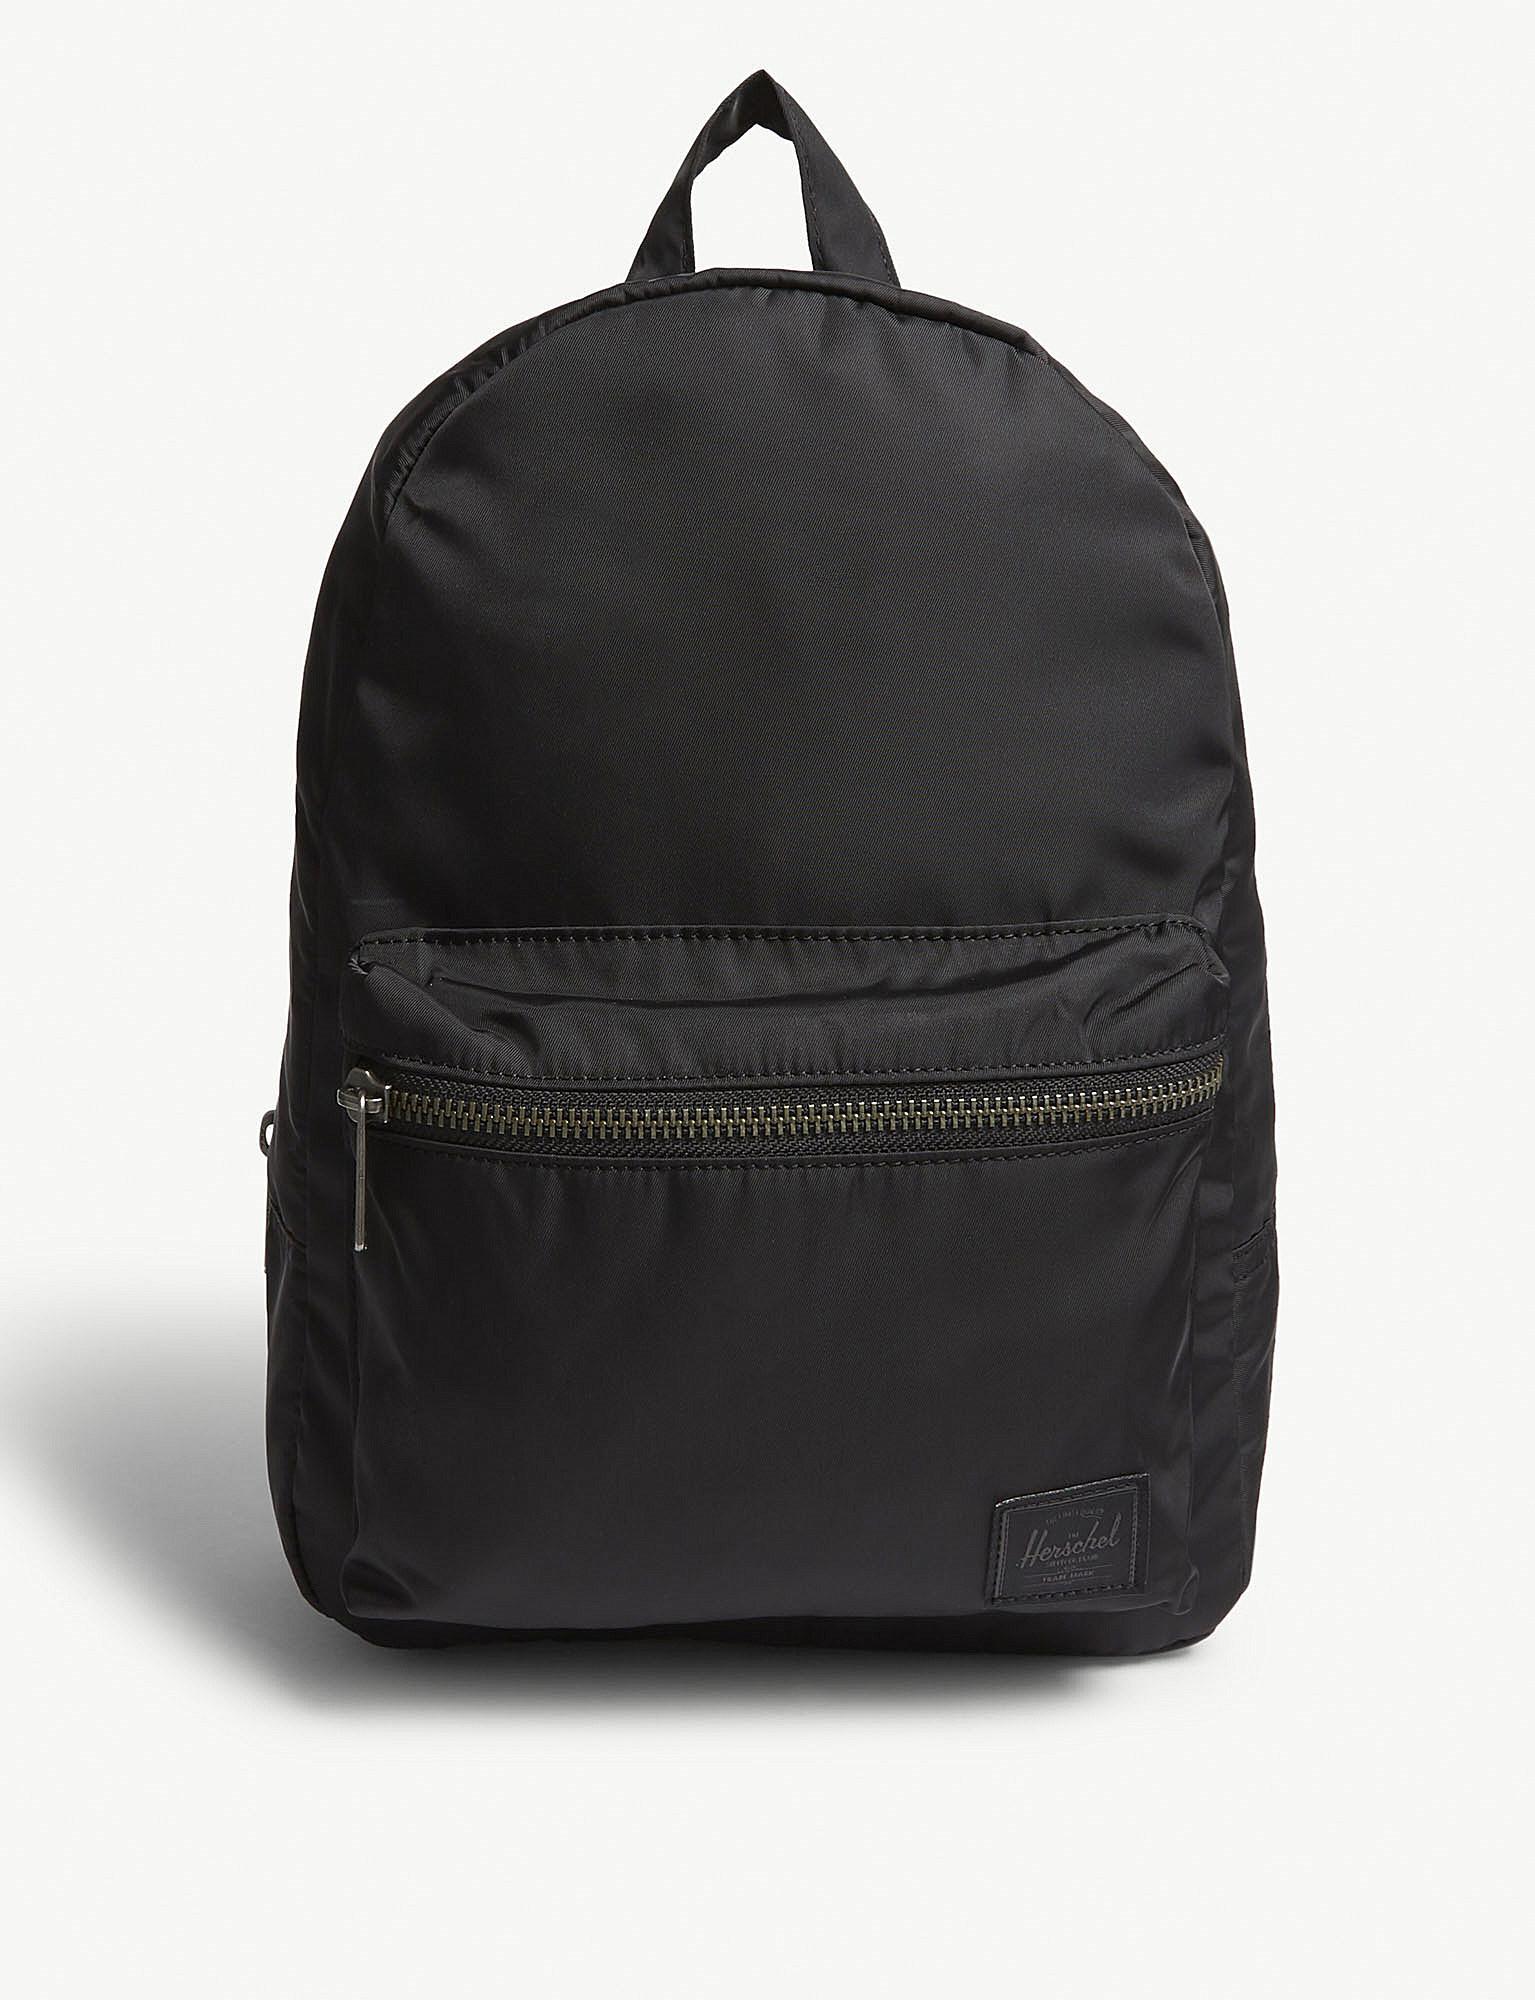 c44af0283b2 Herschel Supply Co. . Black Grove Fabric Backpack in Black for Men ...